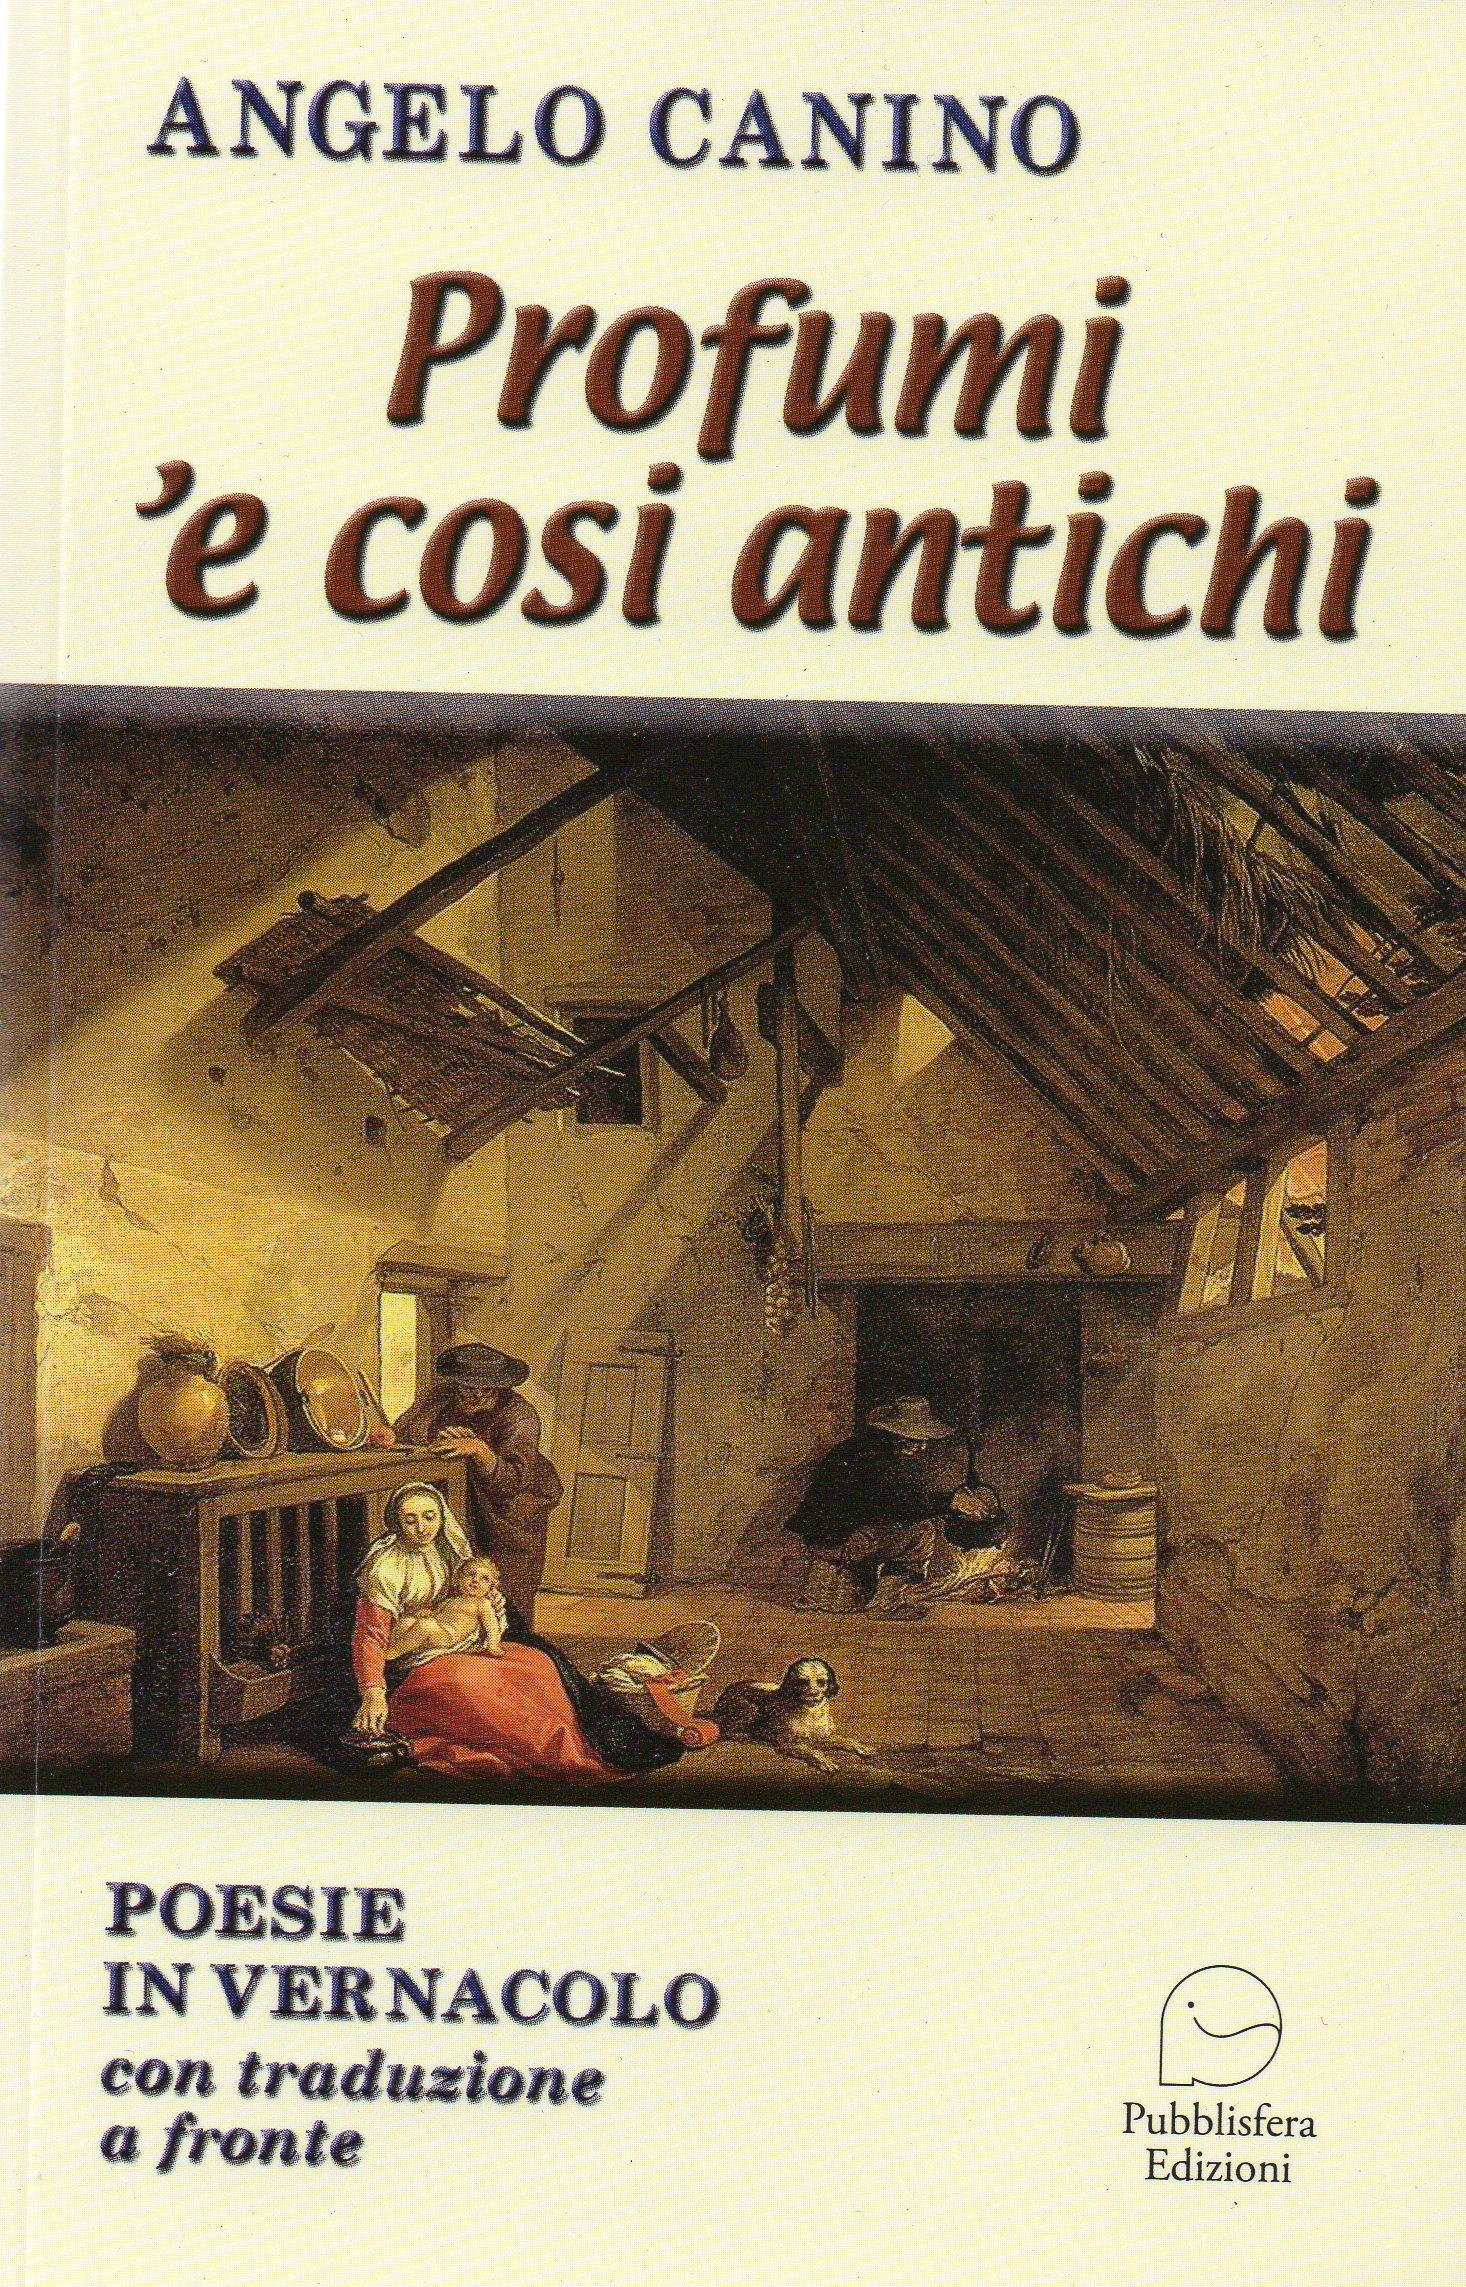 Copertina libro Canino